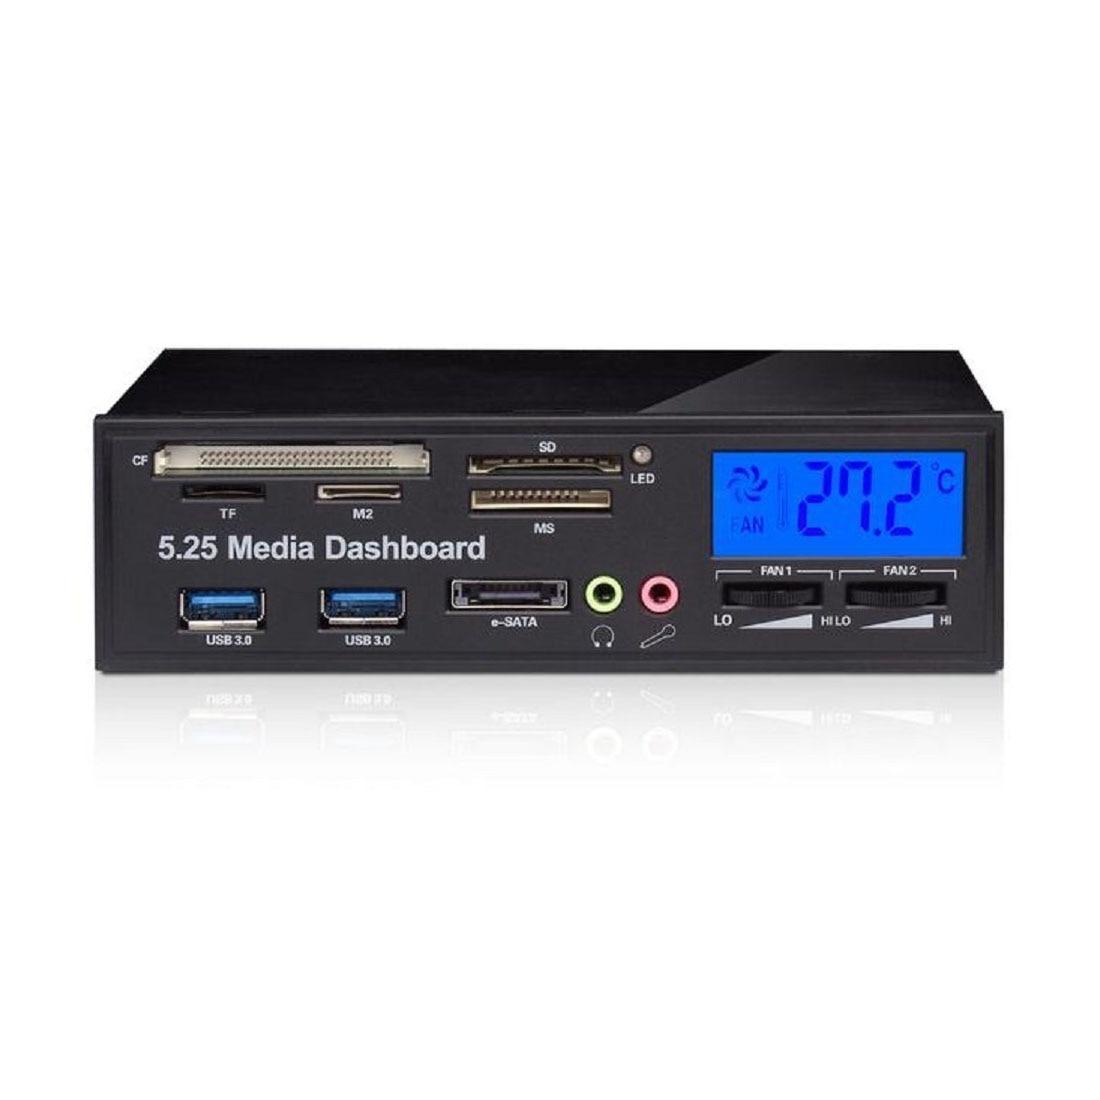 Panneau multimédia multifonctionnel 5.25 pouces tableau de bord avant d'ordinateur avec SATA/eSATA, USB 2.0/USB 3.0, Microphone/casque Audi